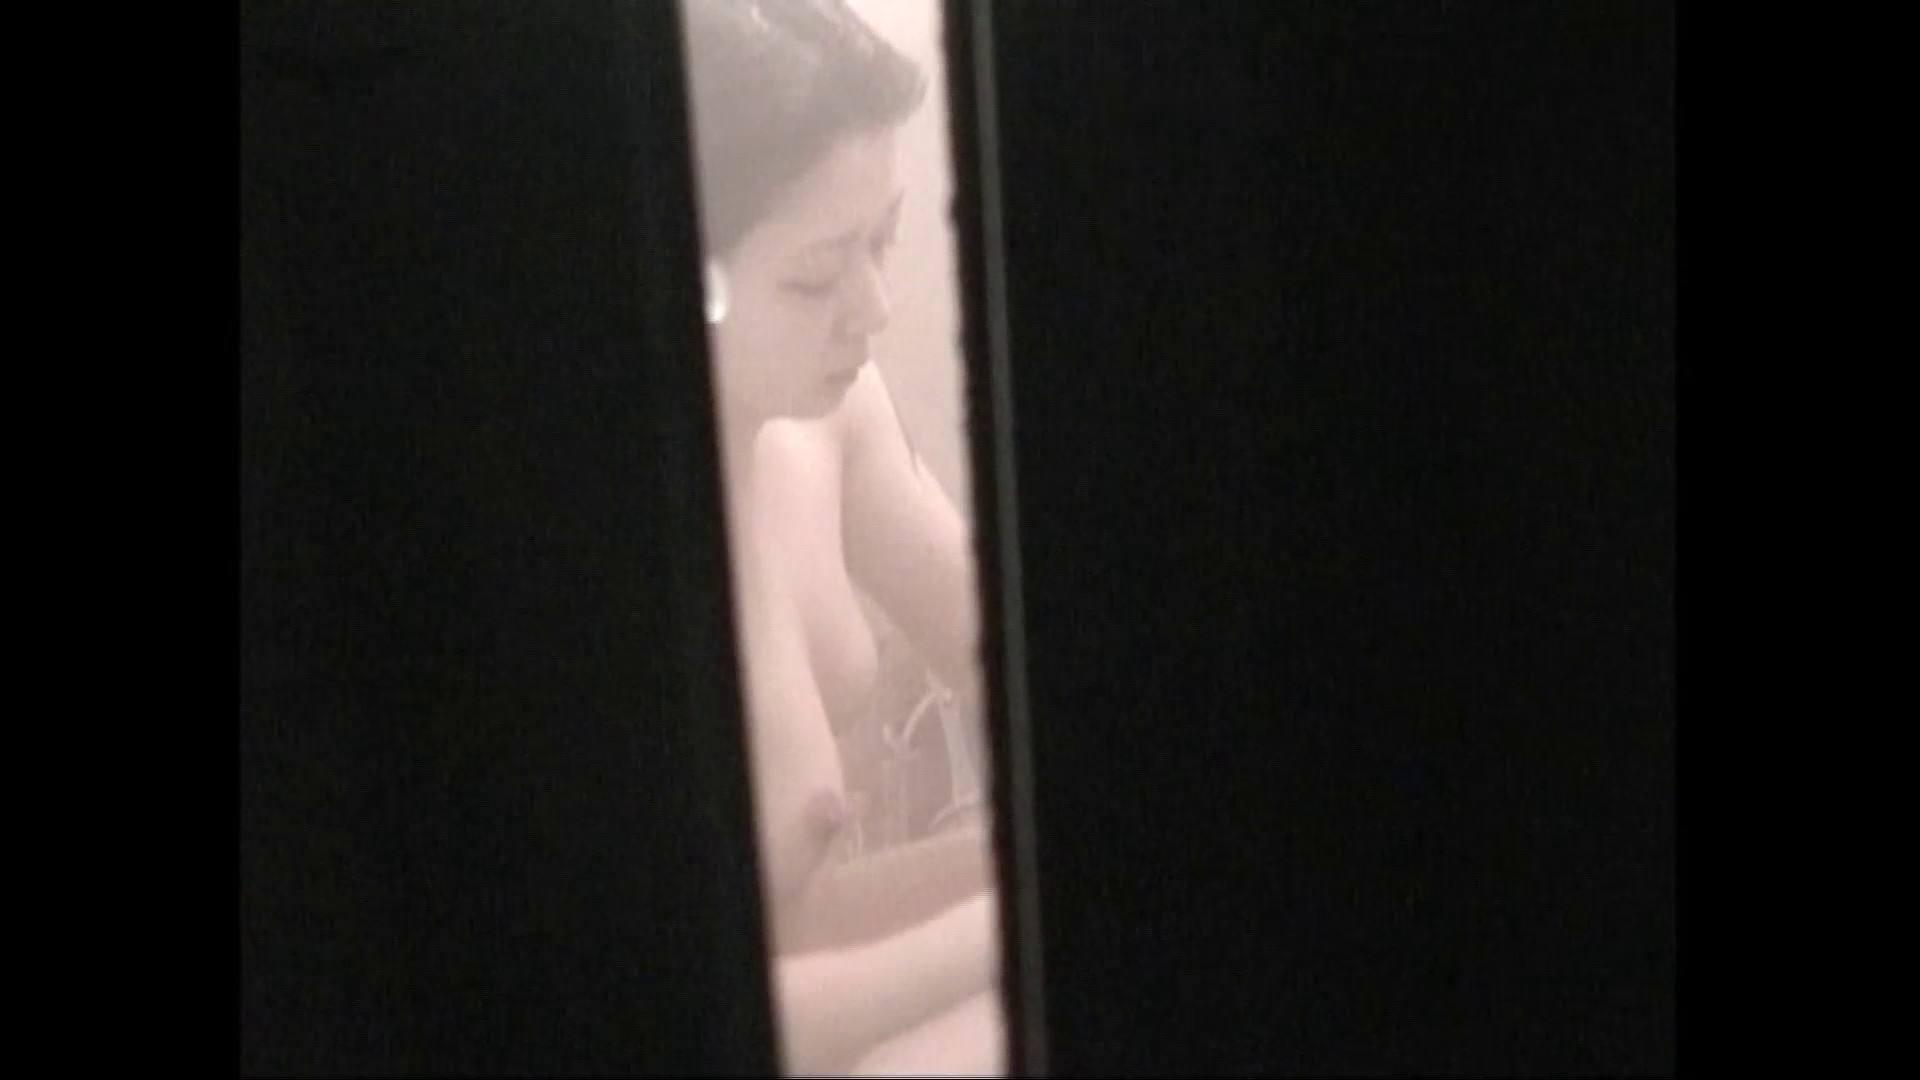 隙間からノゾク風呂 Vol.28 色白のロングヘアー美人がワシャワシャと。 美人  104pic 19